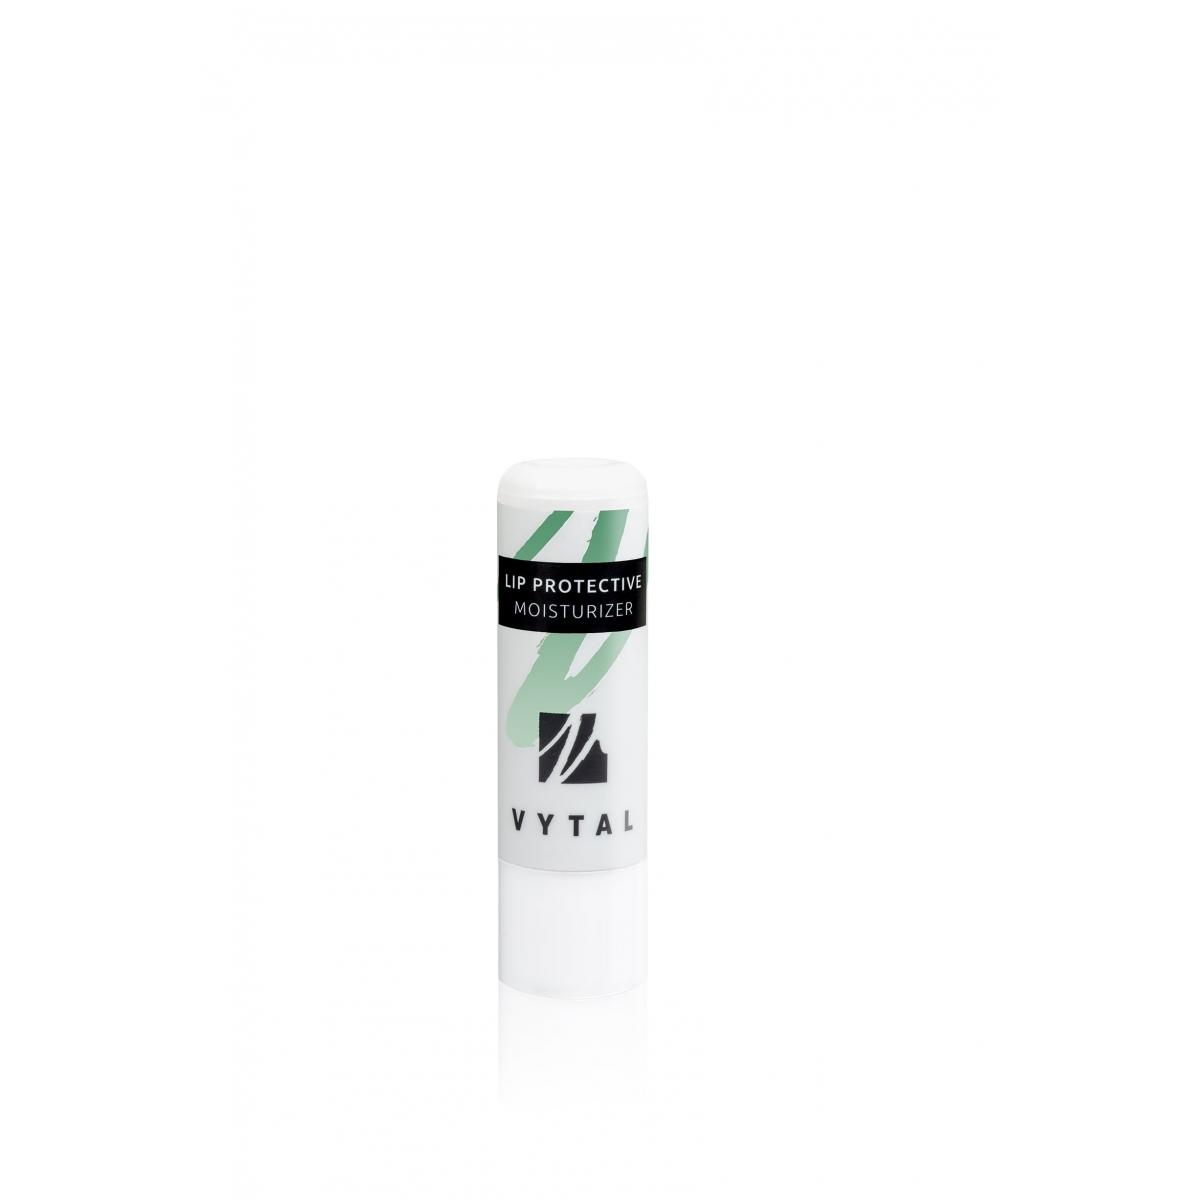 Vytal Skin - Vytal Skin - LIP PROTECTION MOISTRURISER (9 g)